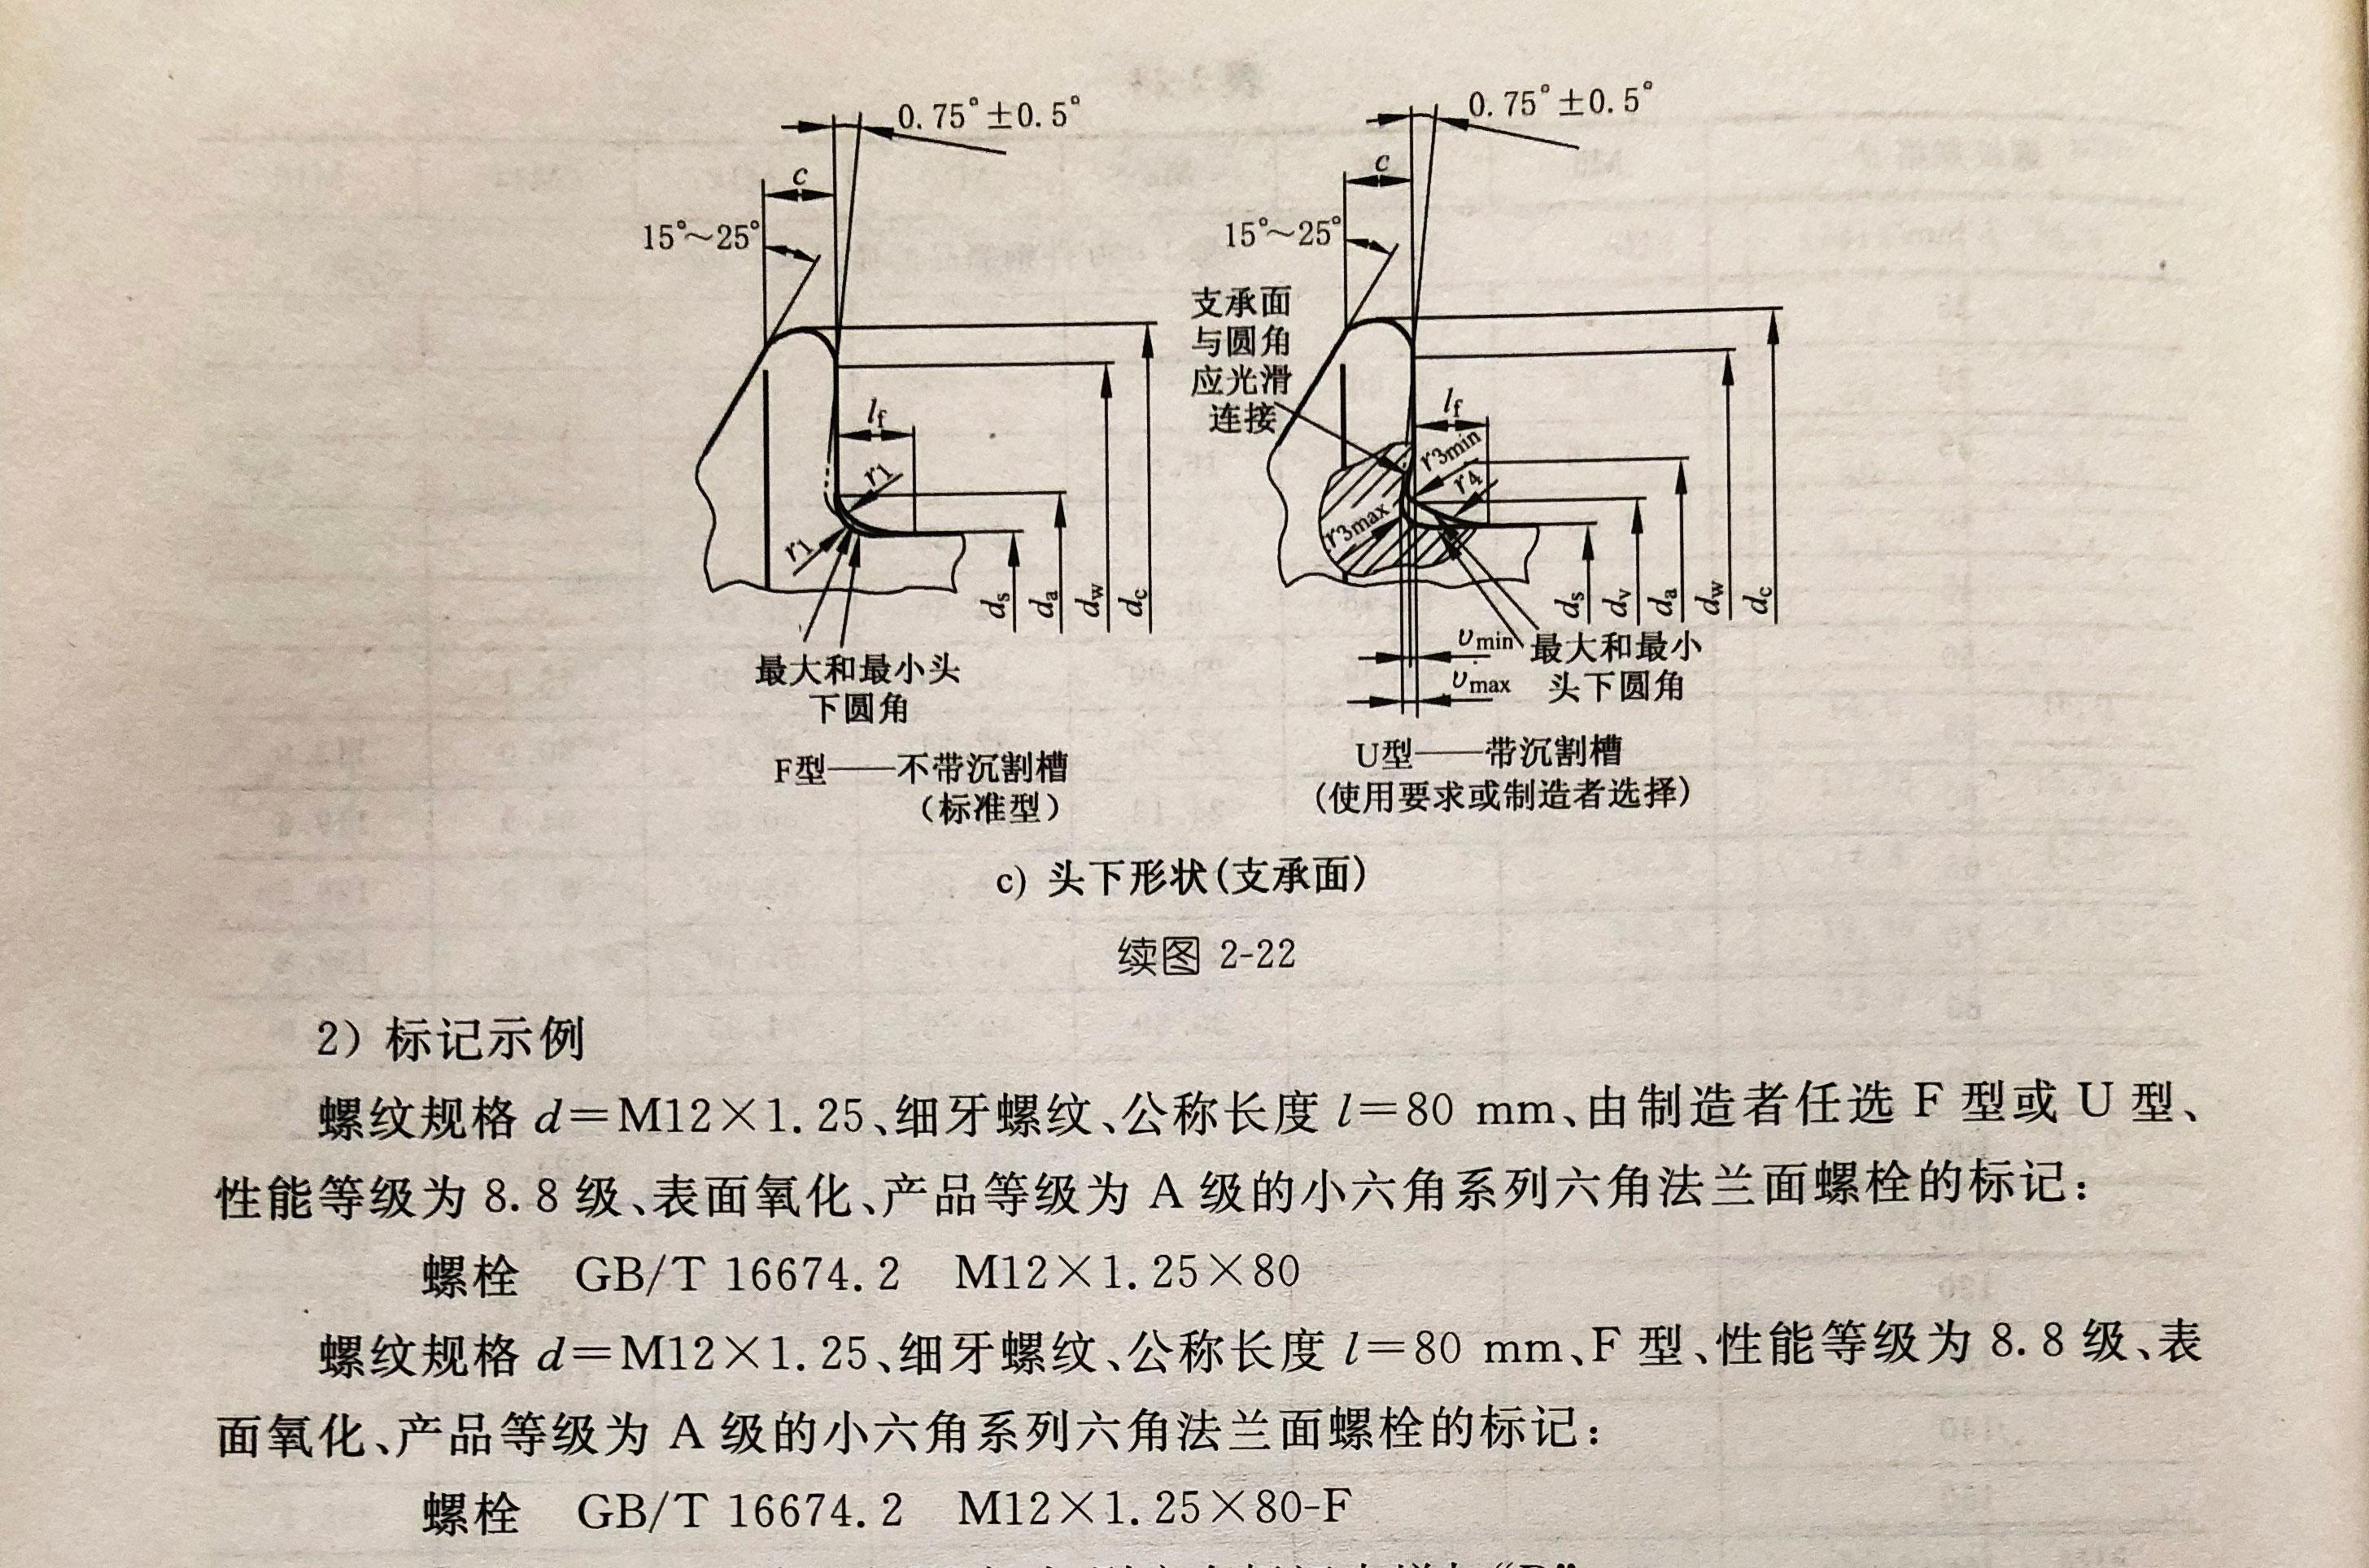 六角法兰面螺栓-尺寸与重量8_01